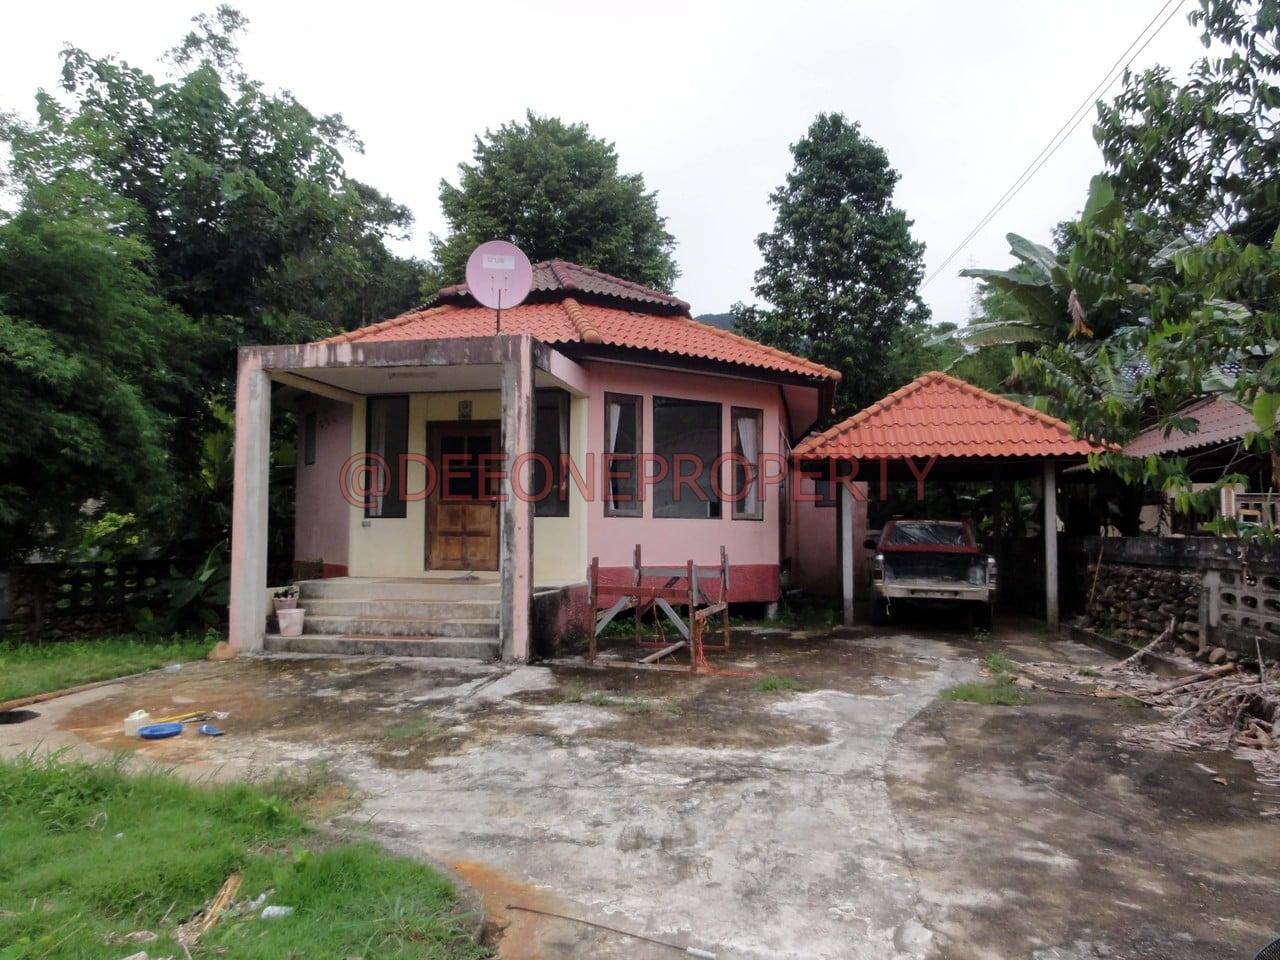 两房平房出售 -孔抛海滩 (Klong Prao), 象岛 (Koh Chang)